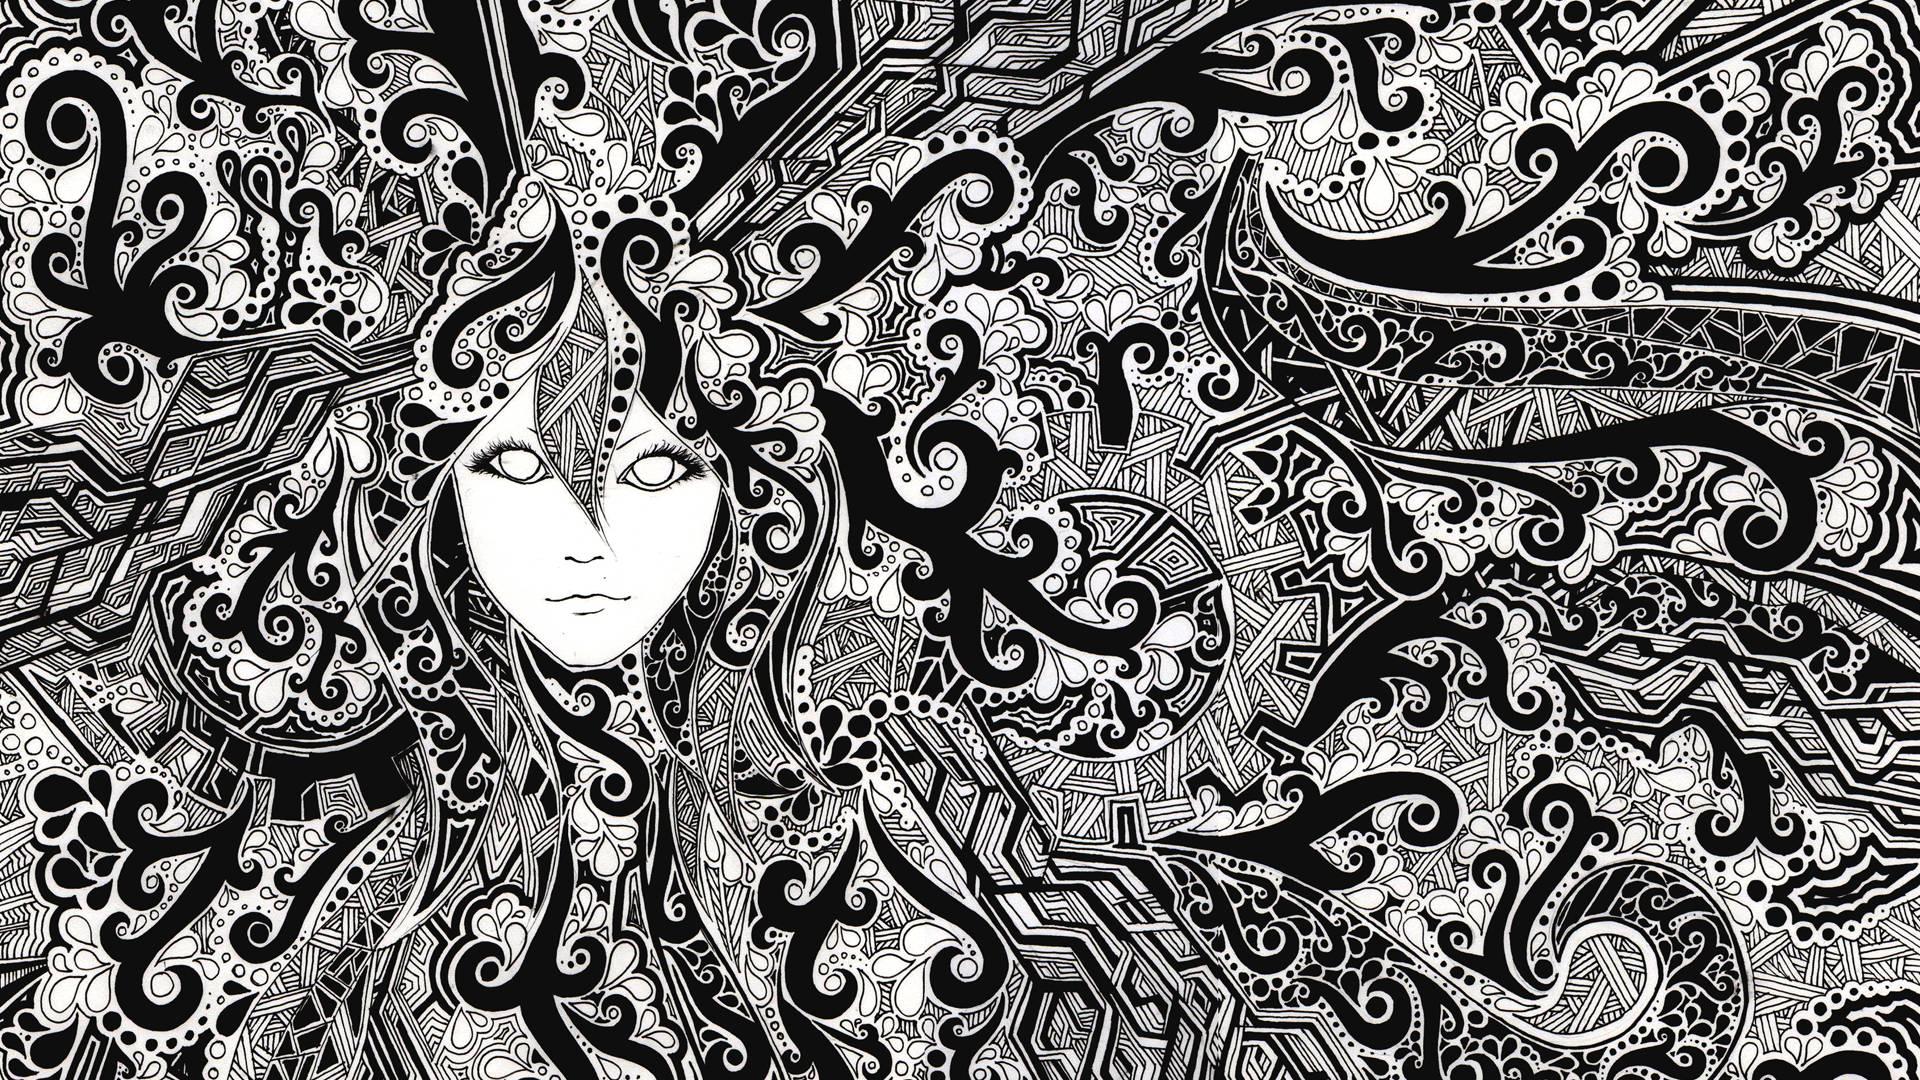 Zentangle Wallpapers - Wallpaper Cave